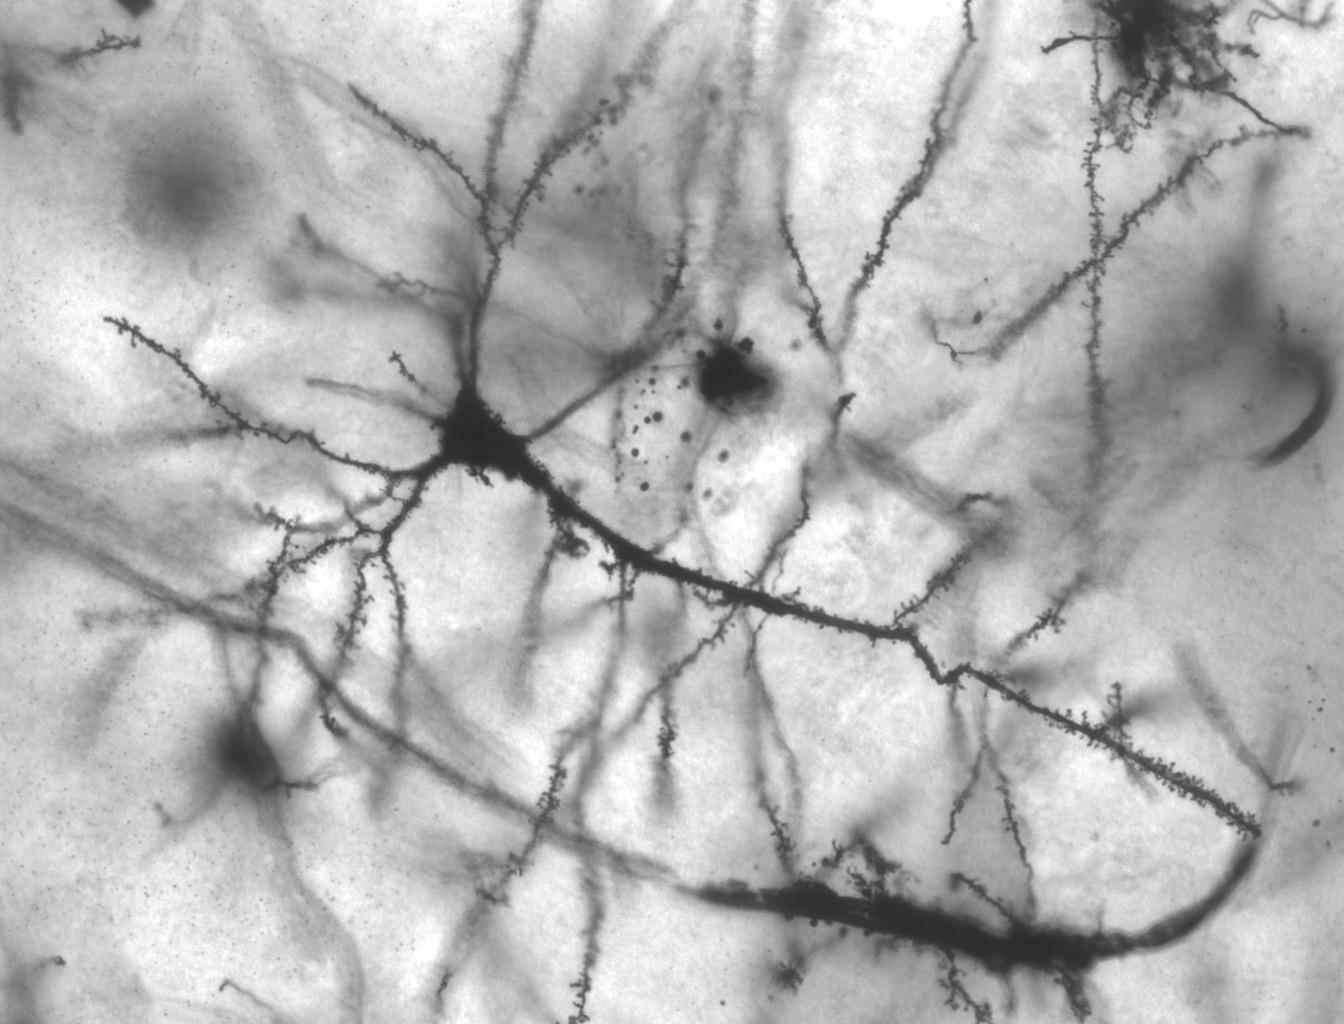 развитие мозга, мутации, рак мозга и аутизм